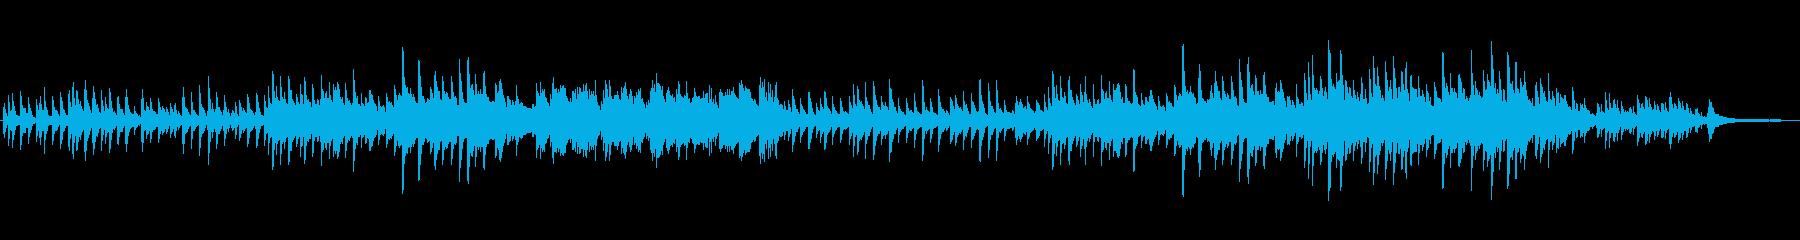 感動的で切ないピアノソロの再生済みの波形